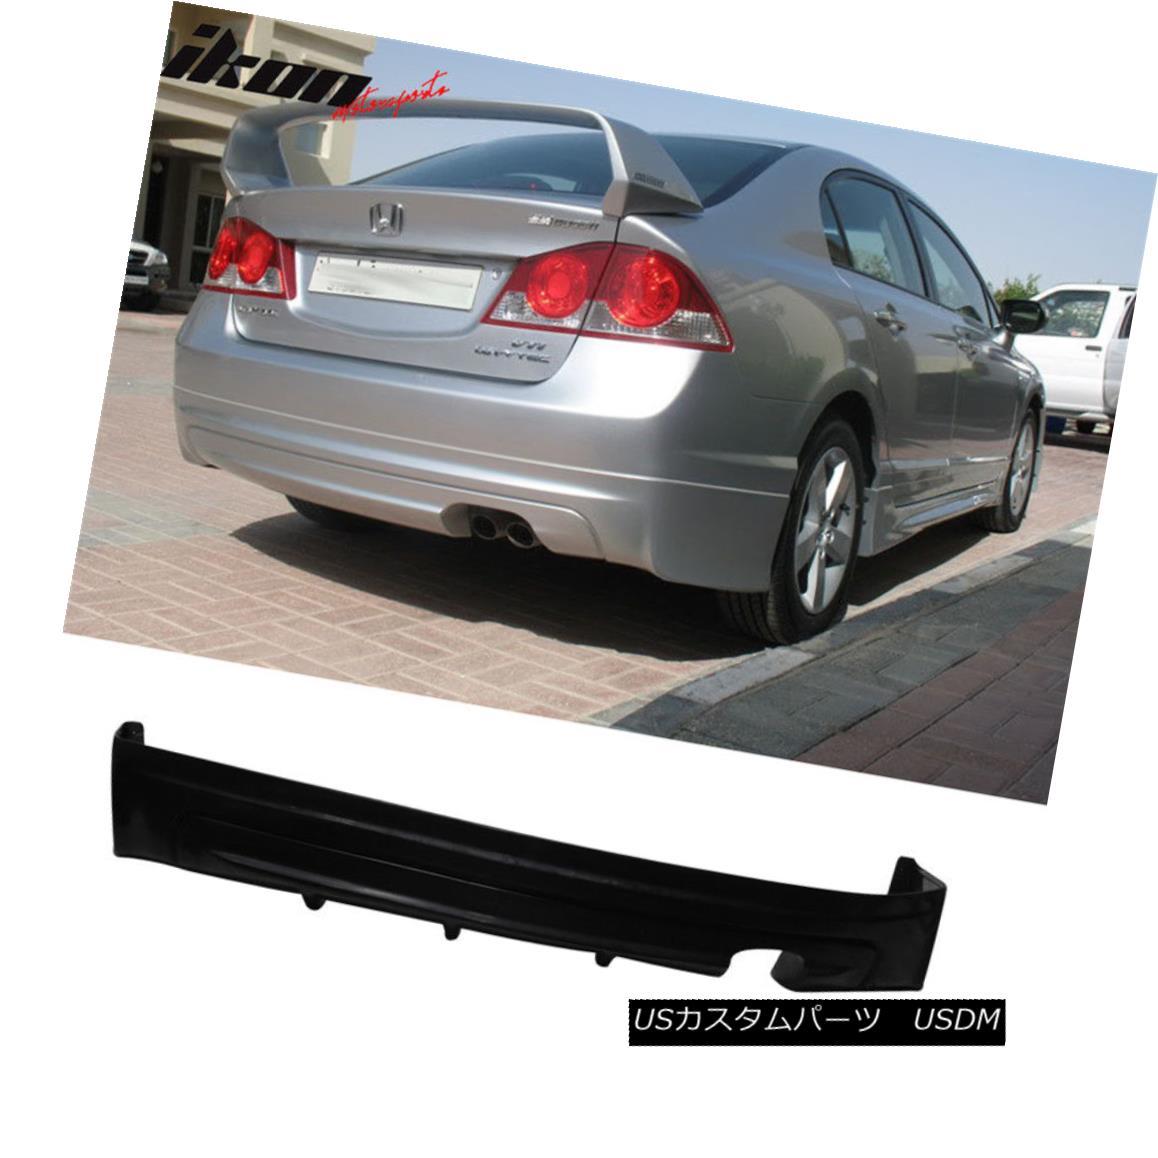 エアロパーツ Fits 06-11 Honda Civic 4Dr Rear Bumper Lip Spoiler MUGEN Style Urethane フィット06-11ホンダシビック4Drリアバンパーリップスポイラームゲンスタイルウレタン